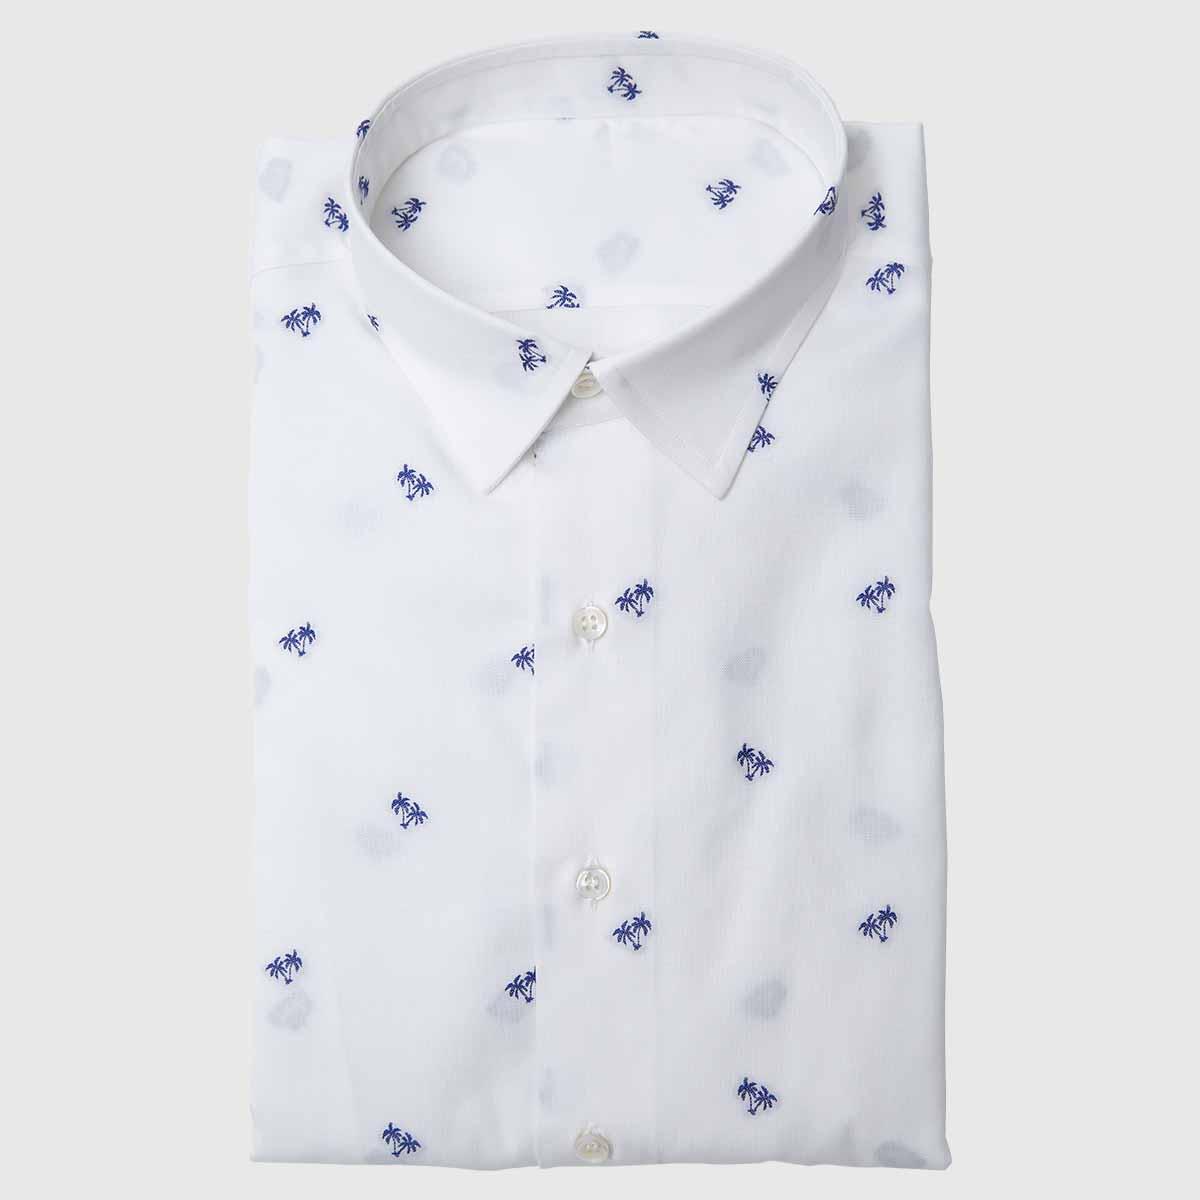 Camicia bianca con disegni